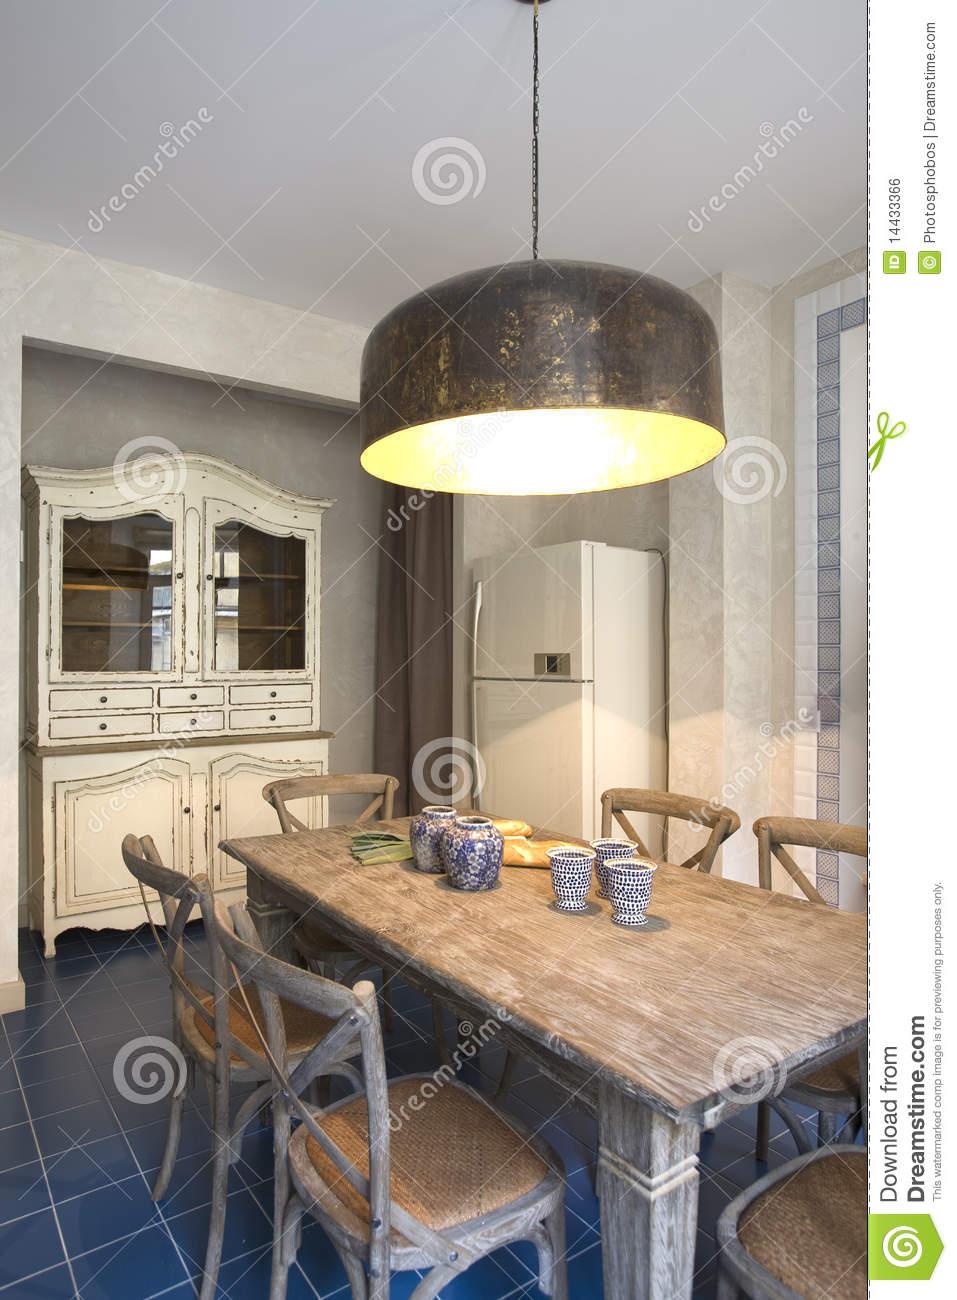 Full Size of Innenraum Einer Kche Mit Groer Lampe Stockfoto Bild Von Einhebelmischer Küche Für Wohnzimmer Geräten Thekentisch Stehlampe Schlafzimmer Billig Kaufen Ikea Wohnzimmer Lampe Küche